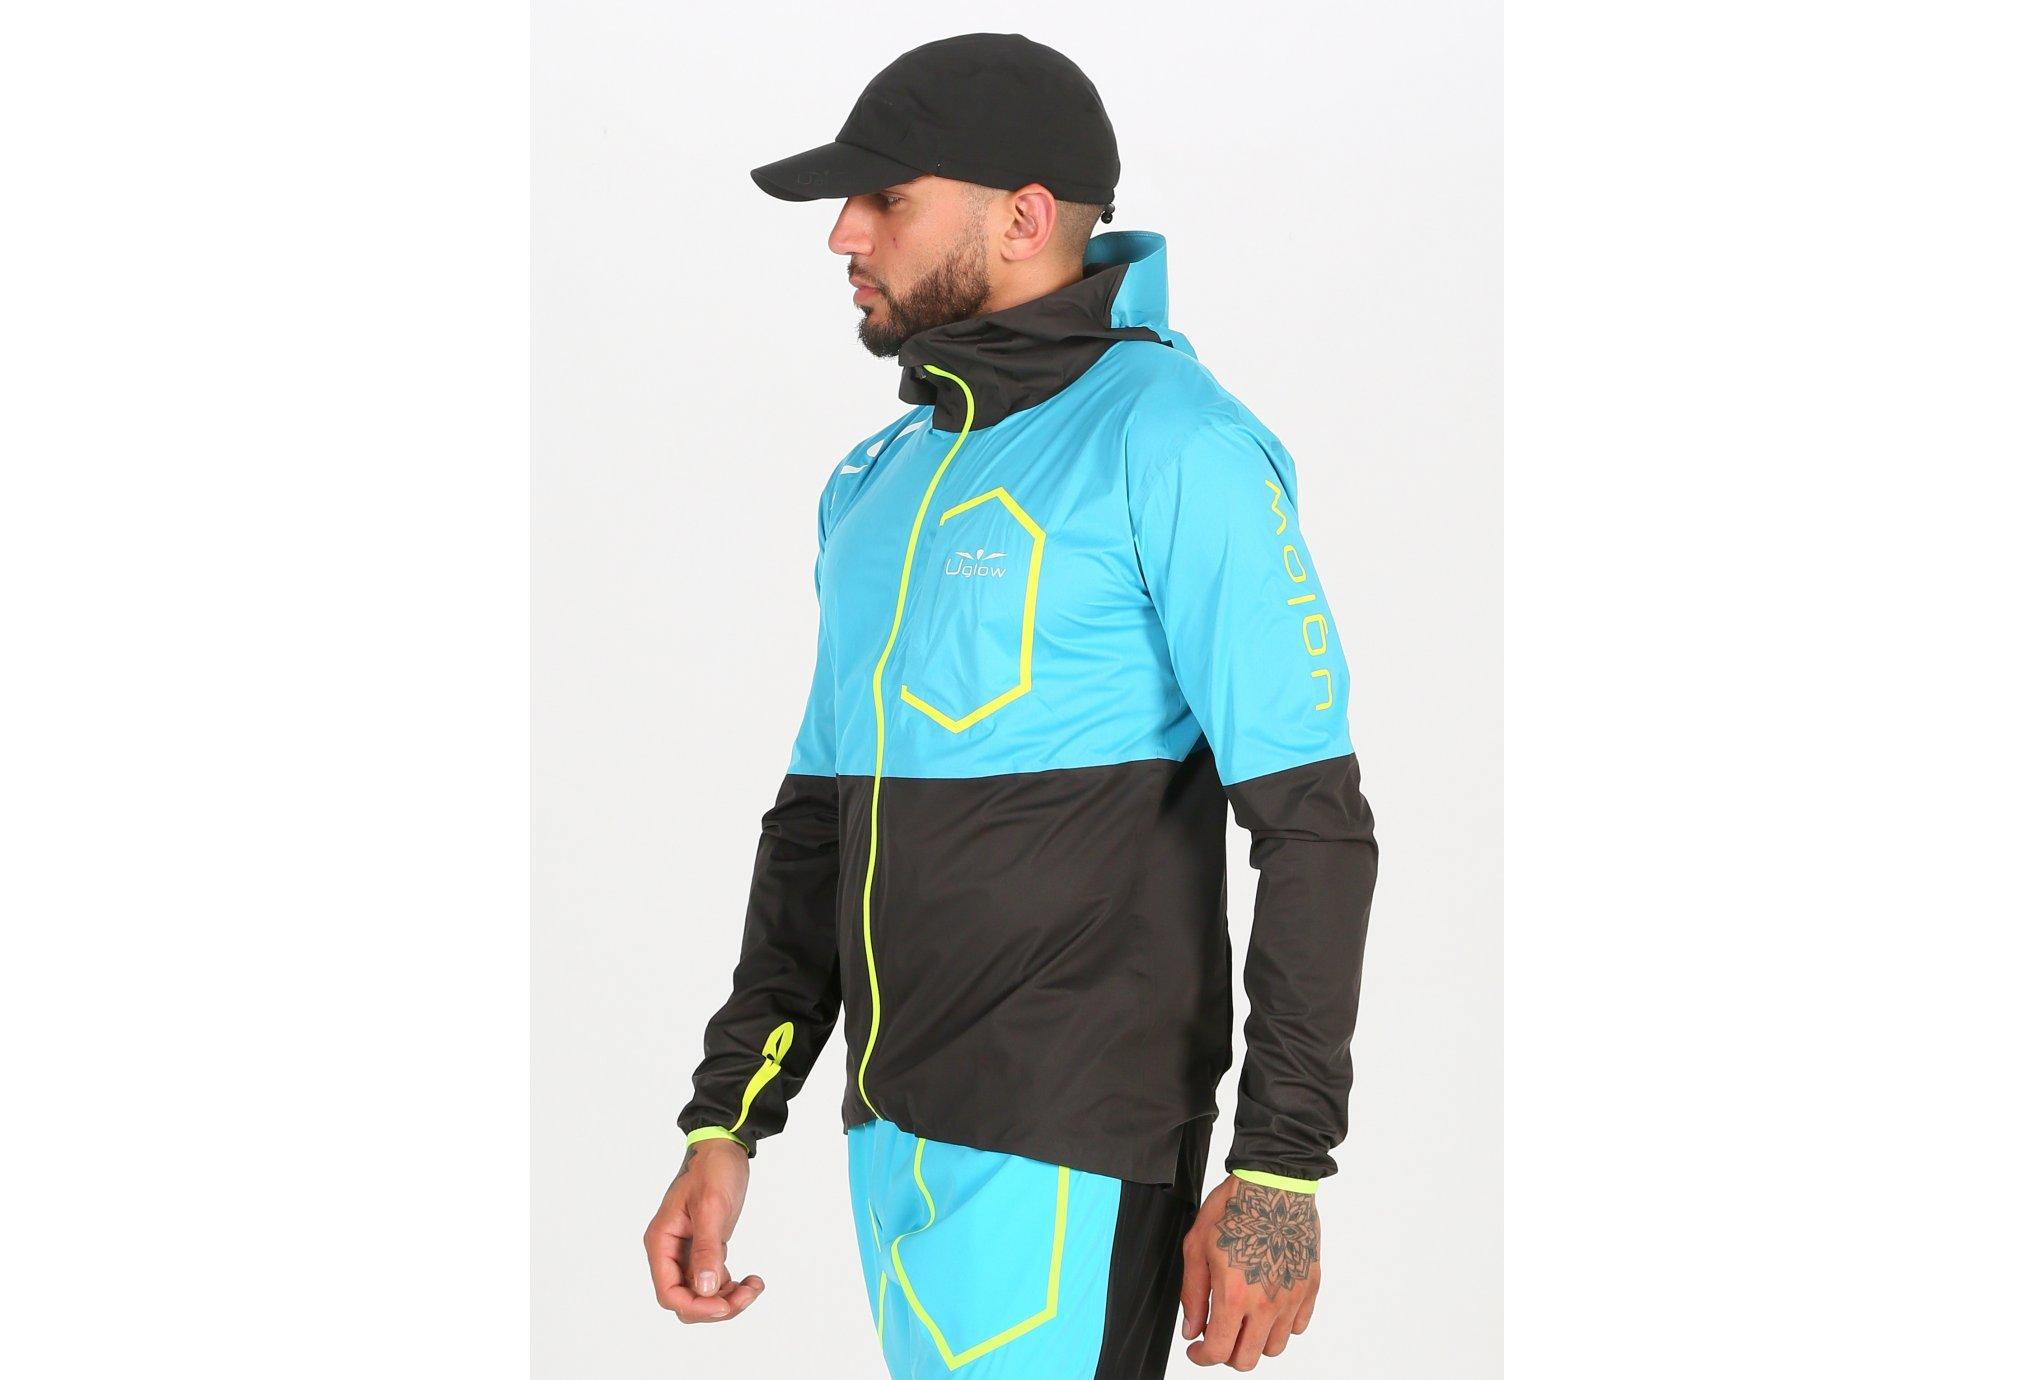 Uglow U-Rain Hybrid Race M Diététique Vêtements homme